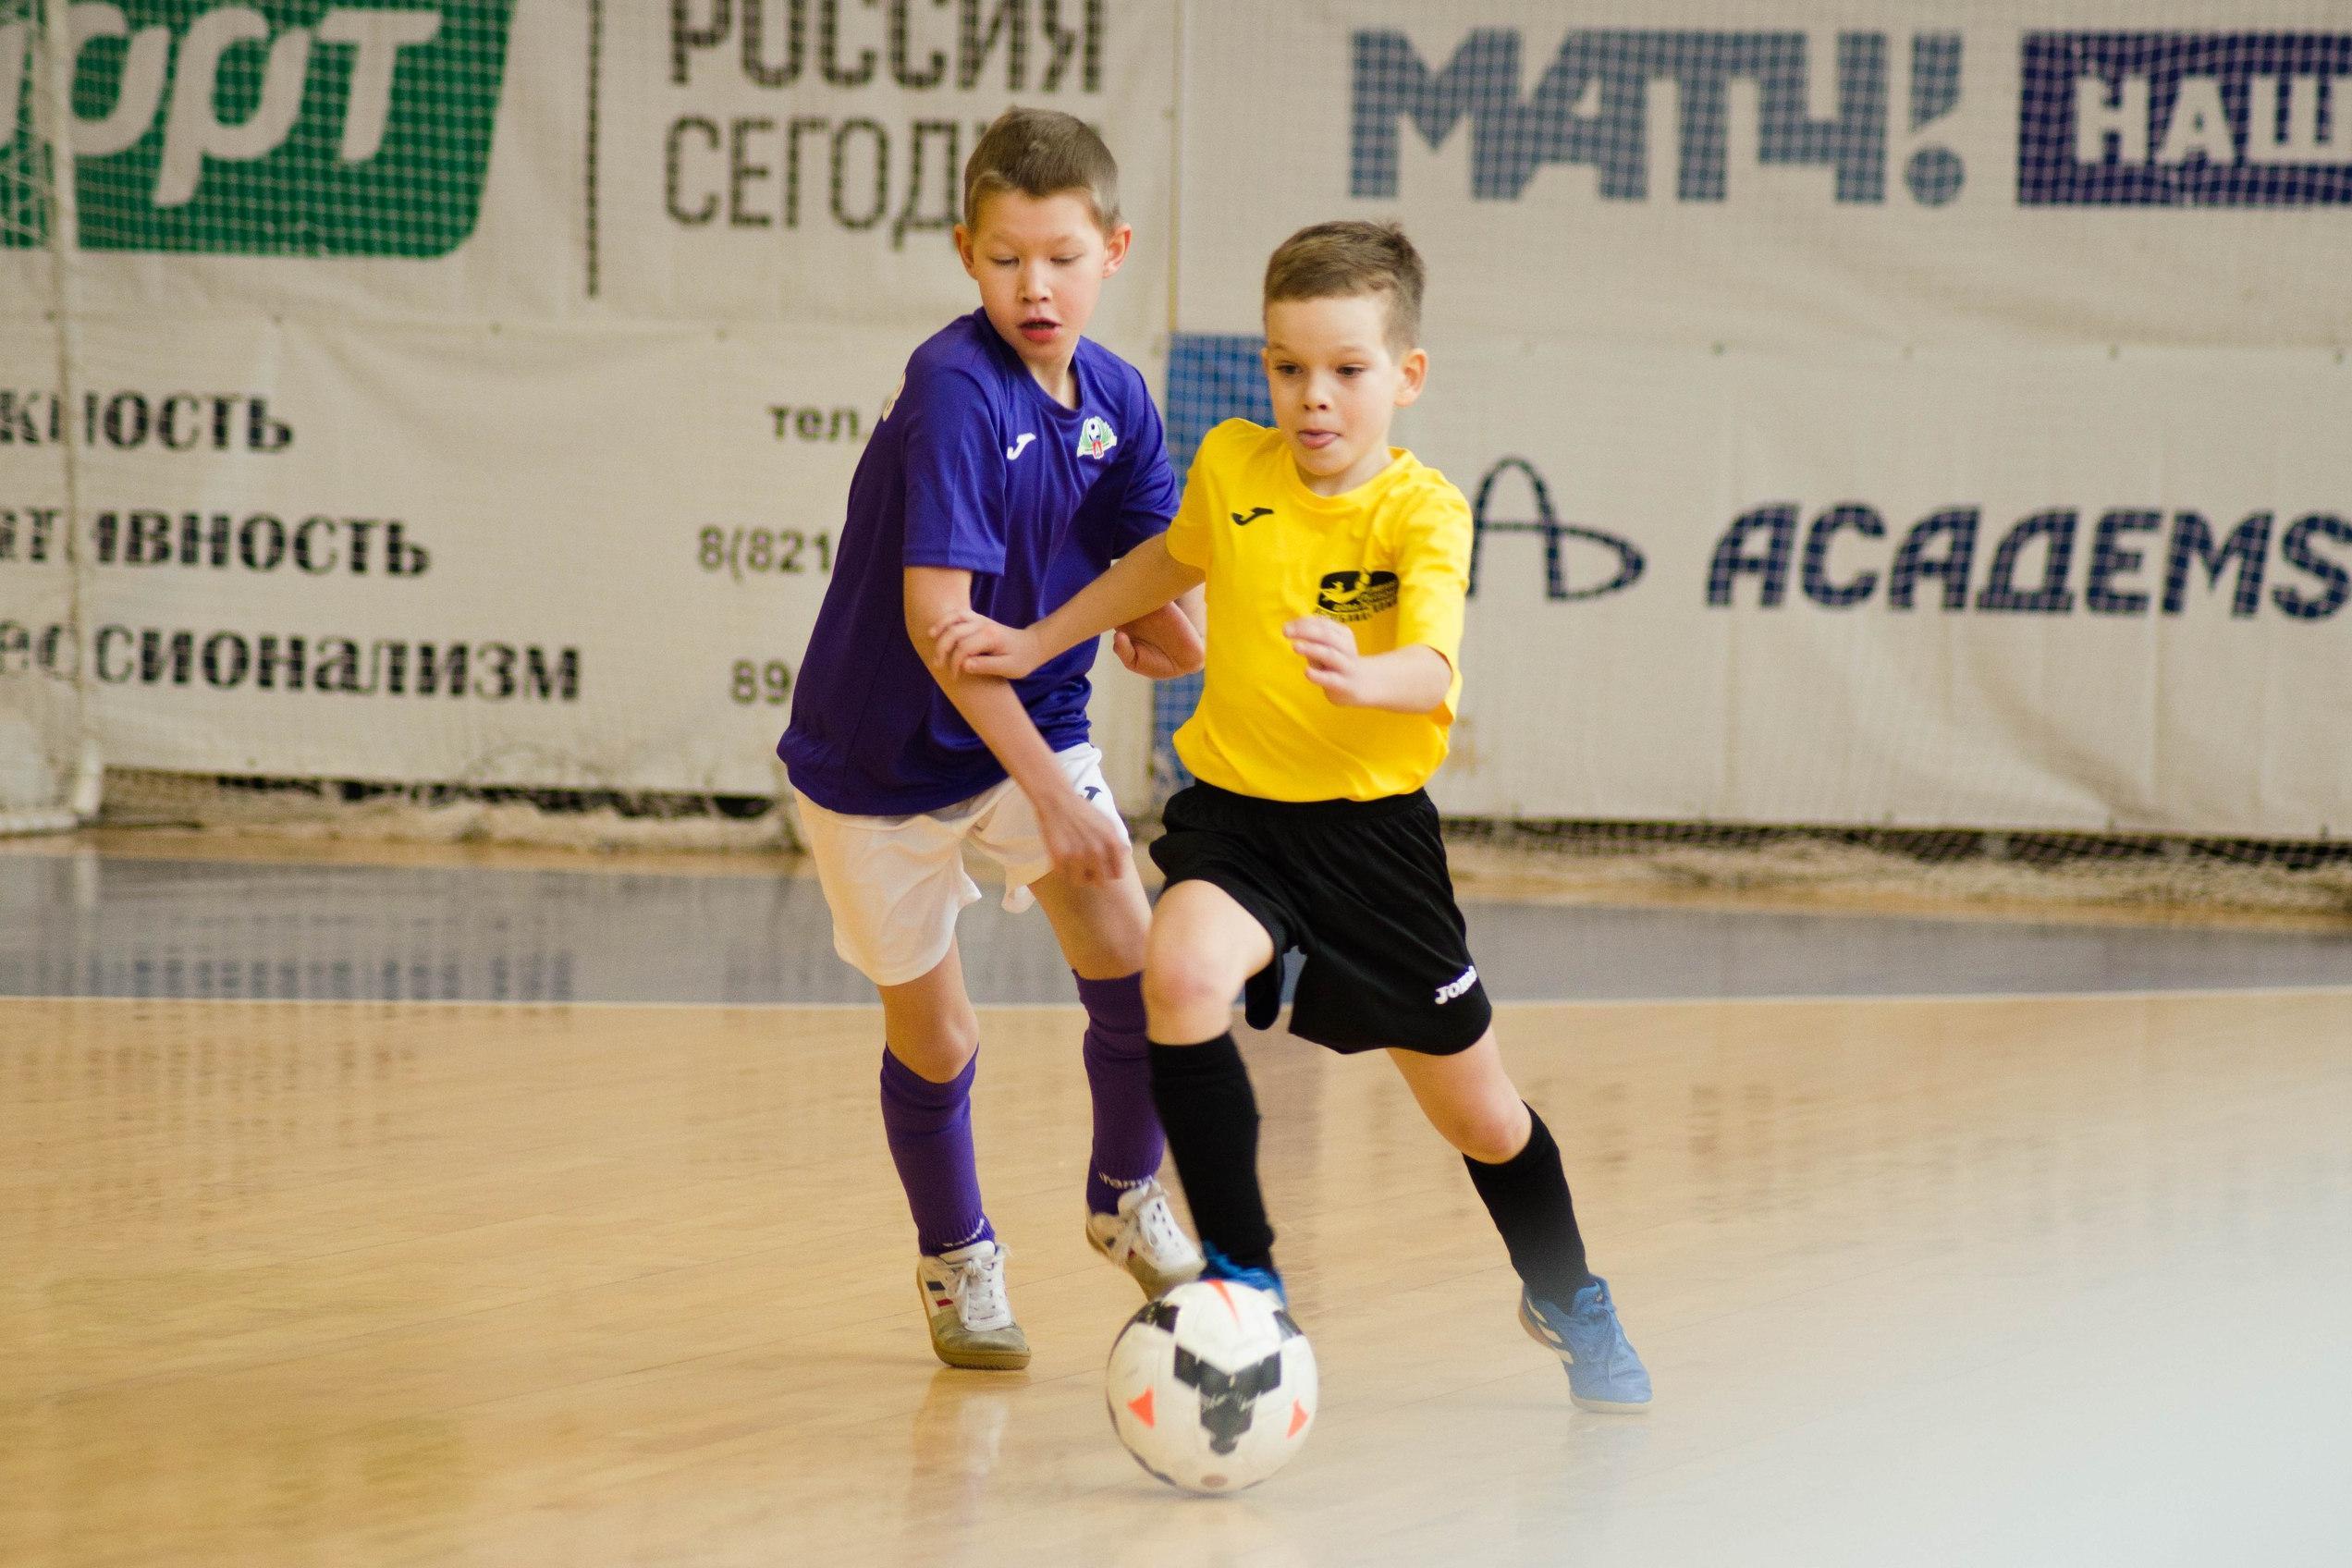 Праздник юношеского футбола